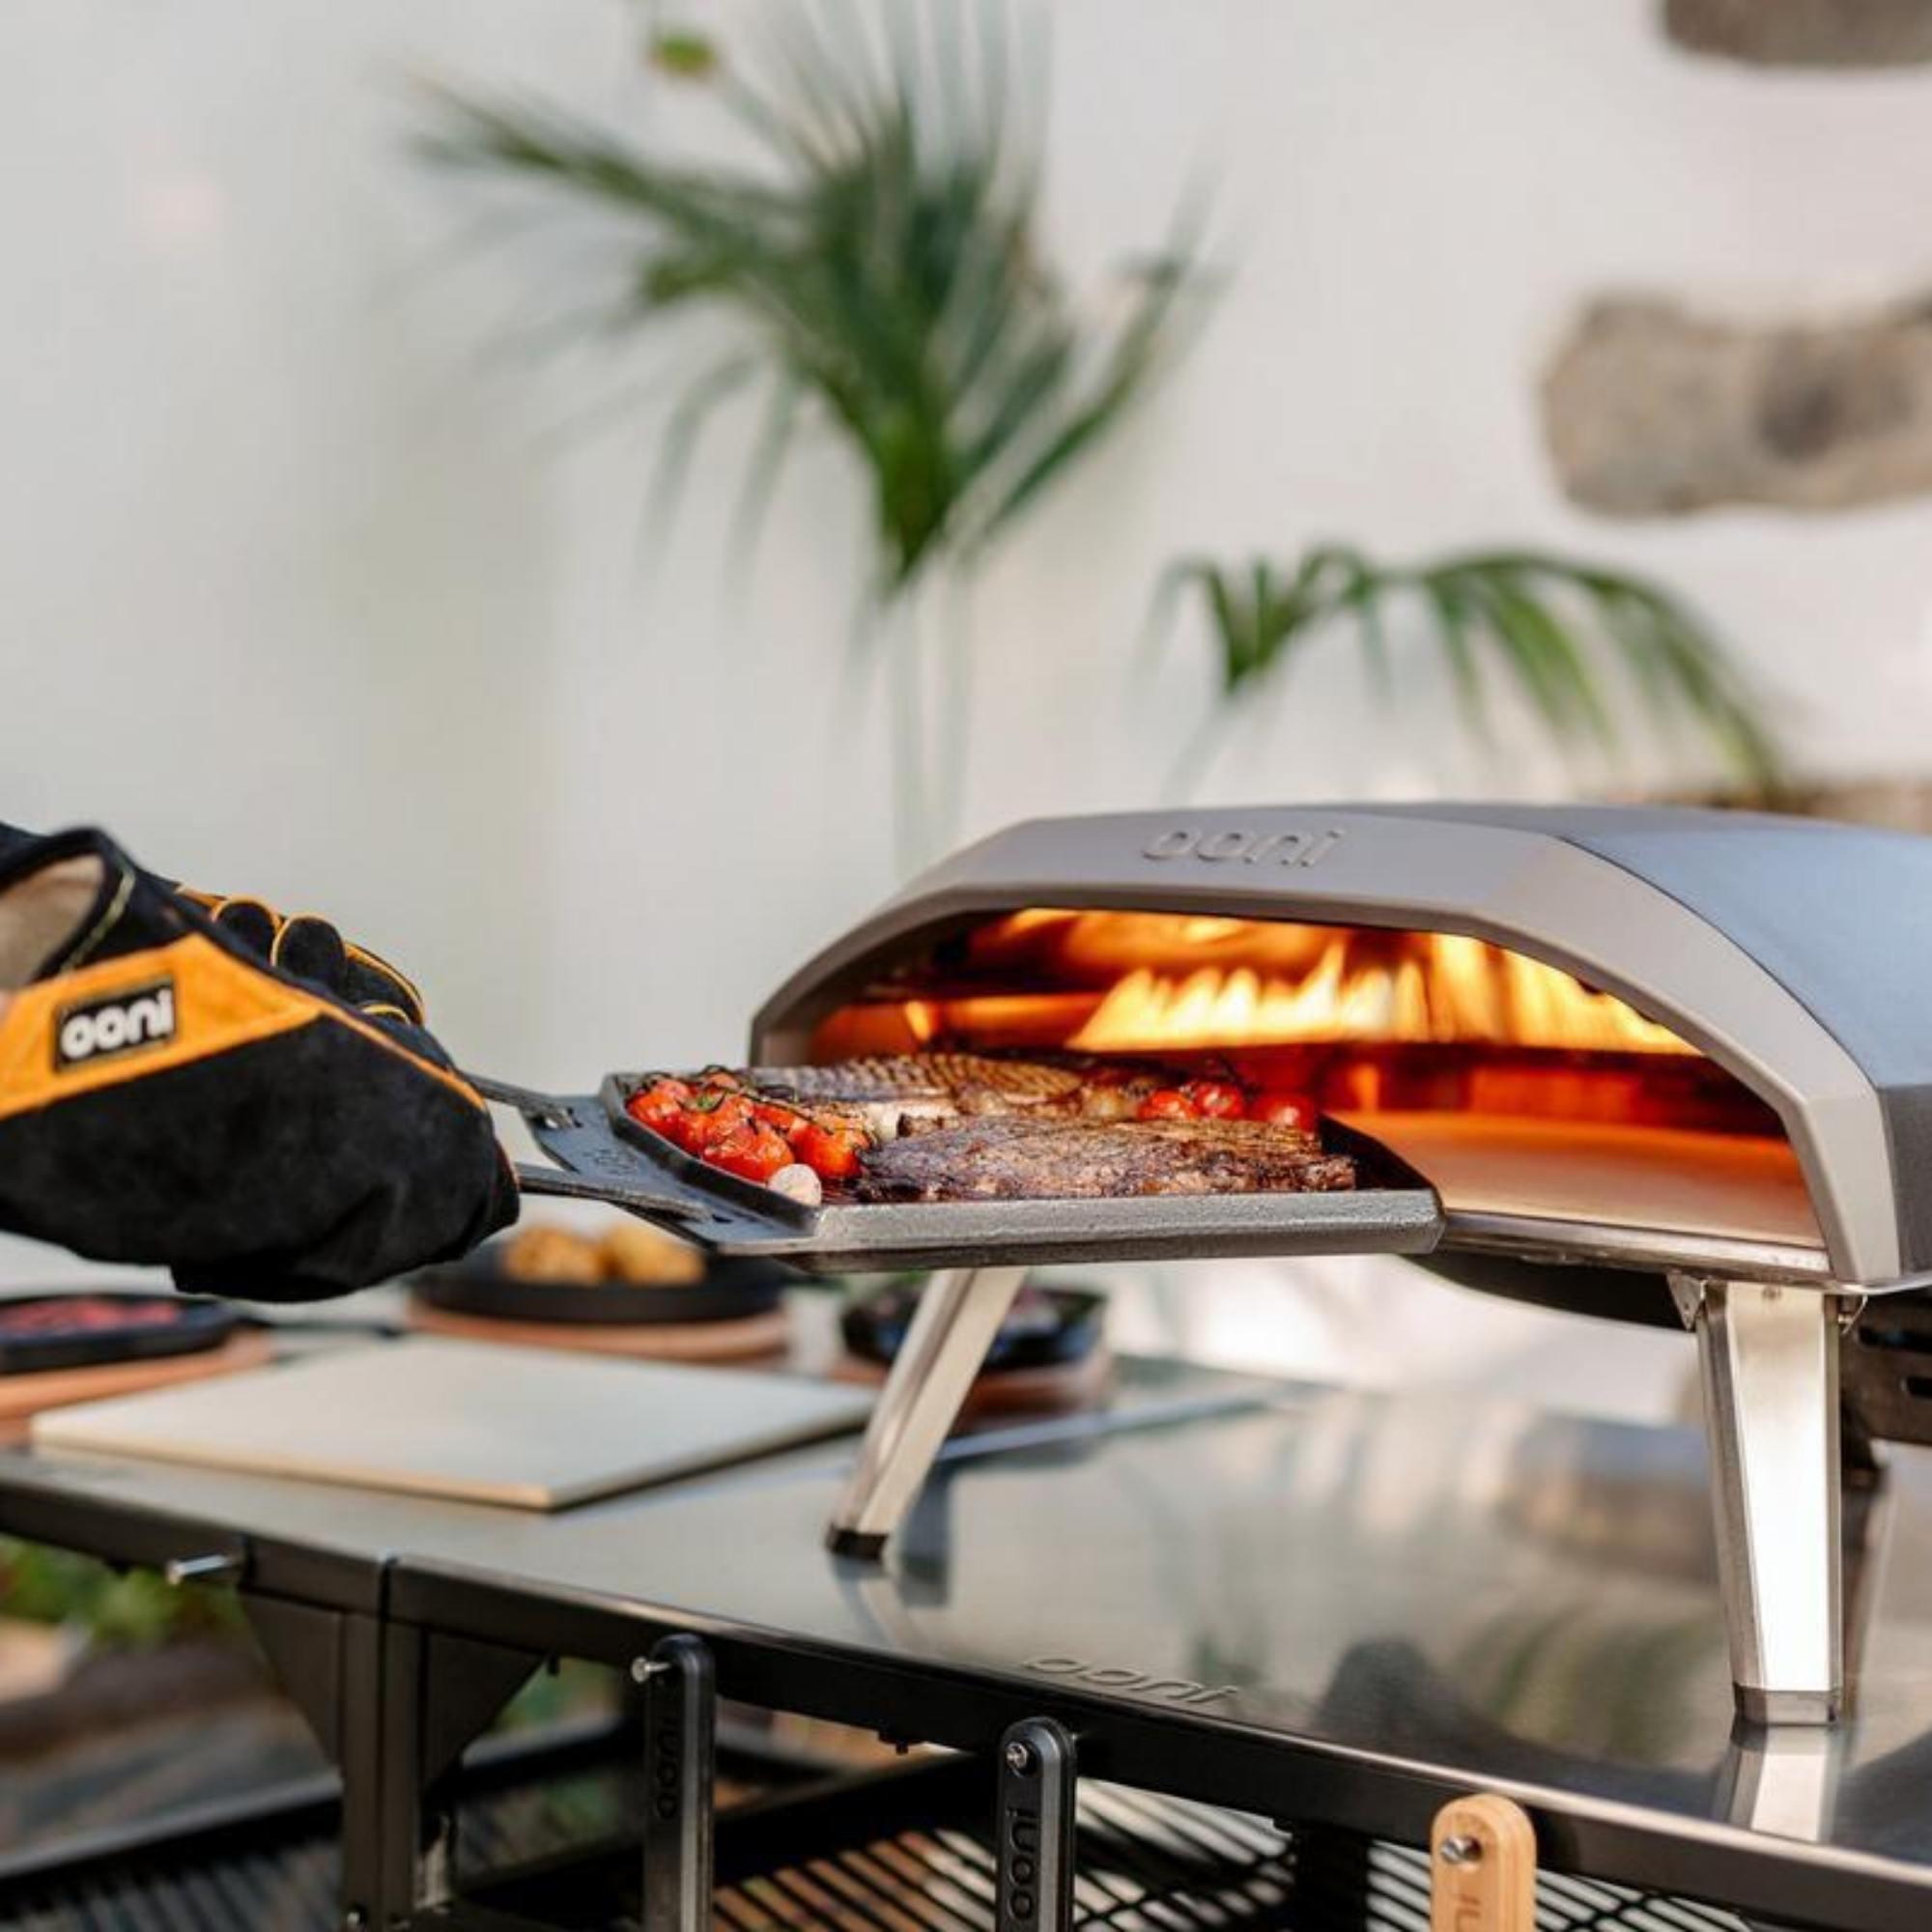 Forno de Pizza a Gás Ooni Koda 16  - Sua Casa Gourmet e Cia